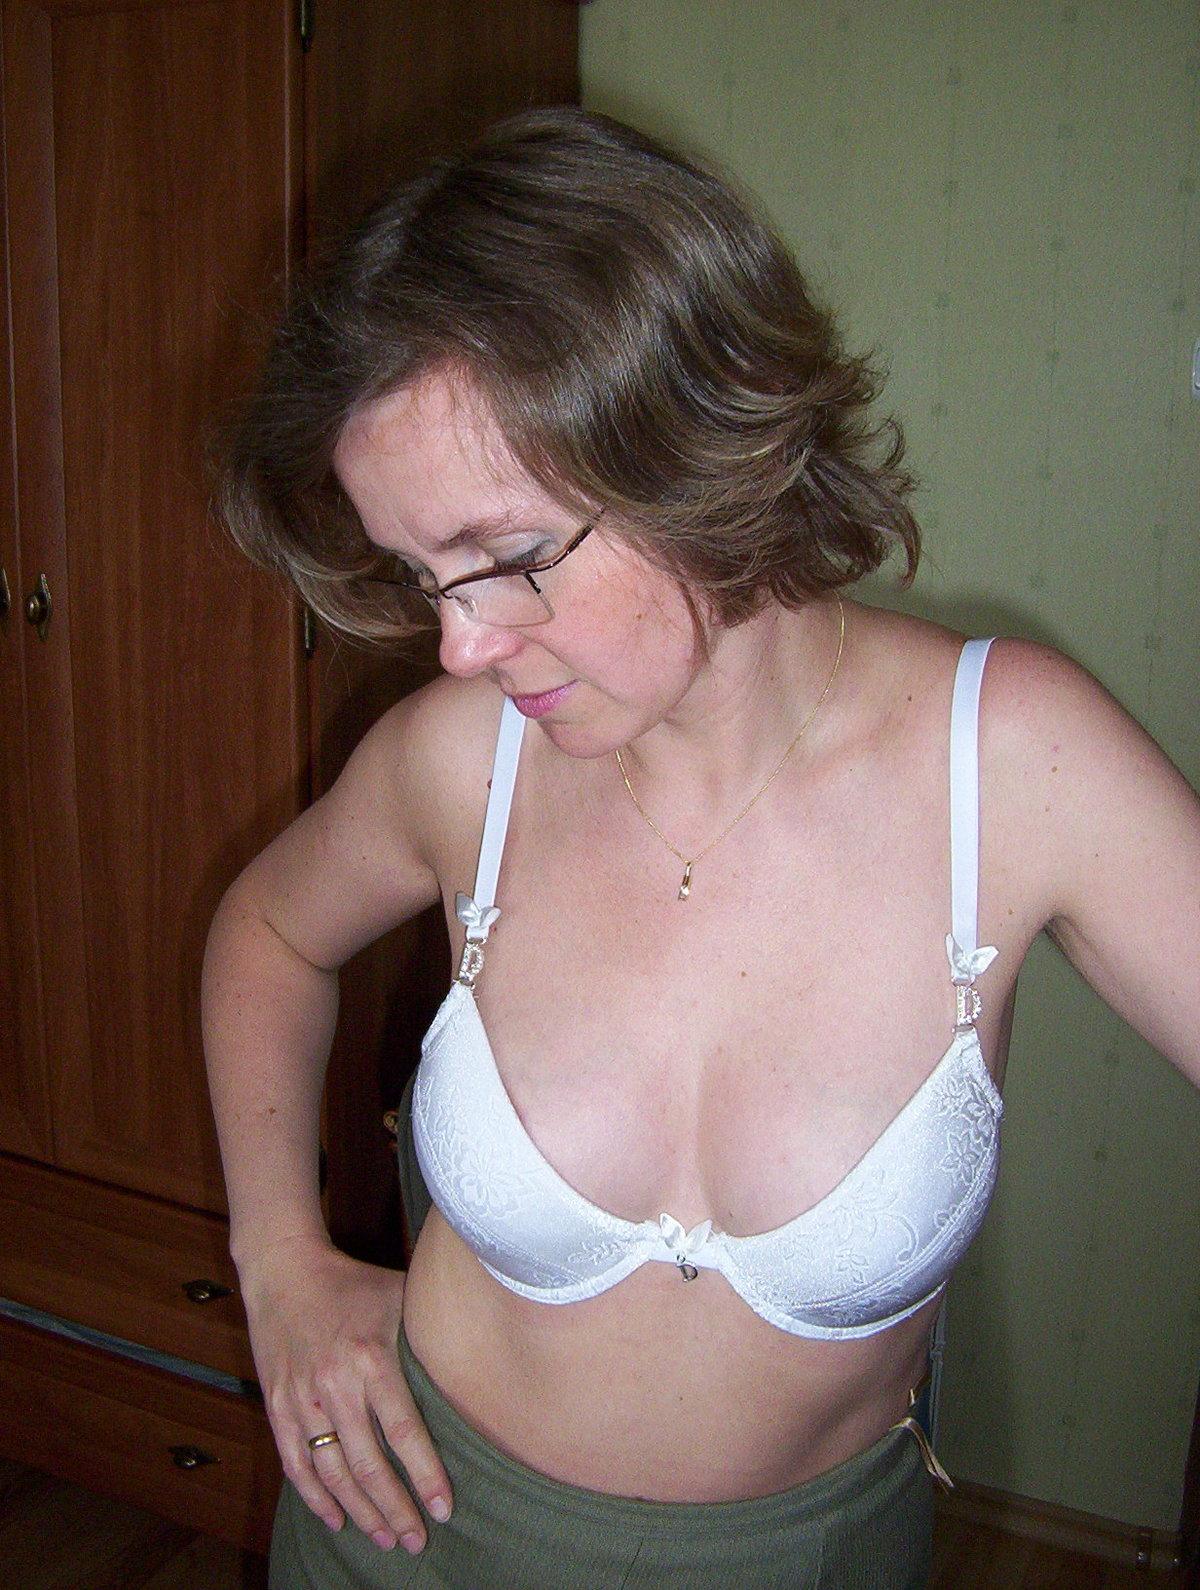 фото жена без комплексов и нижнего белья при гостях